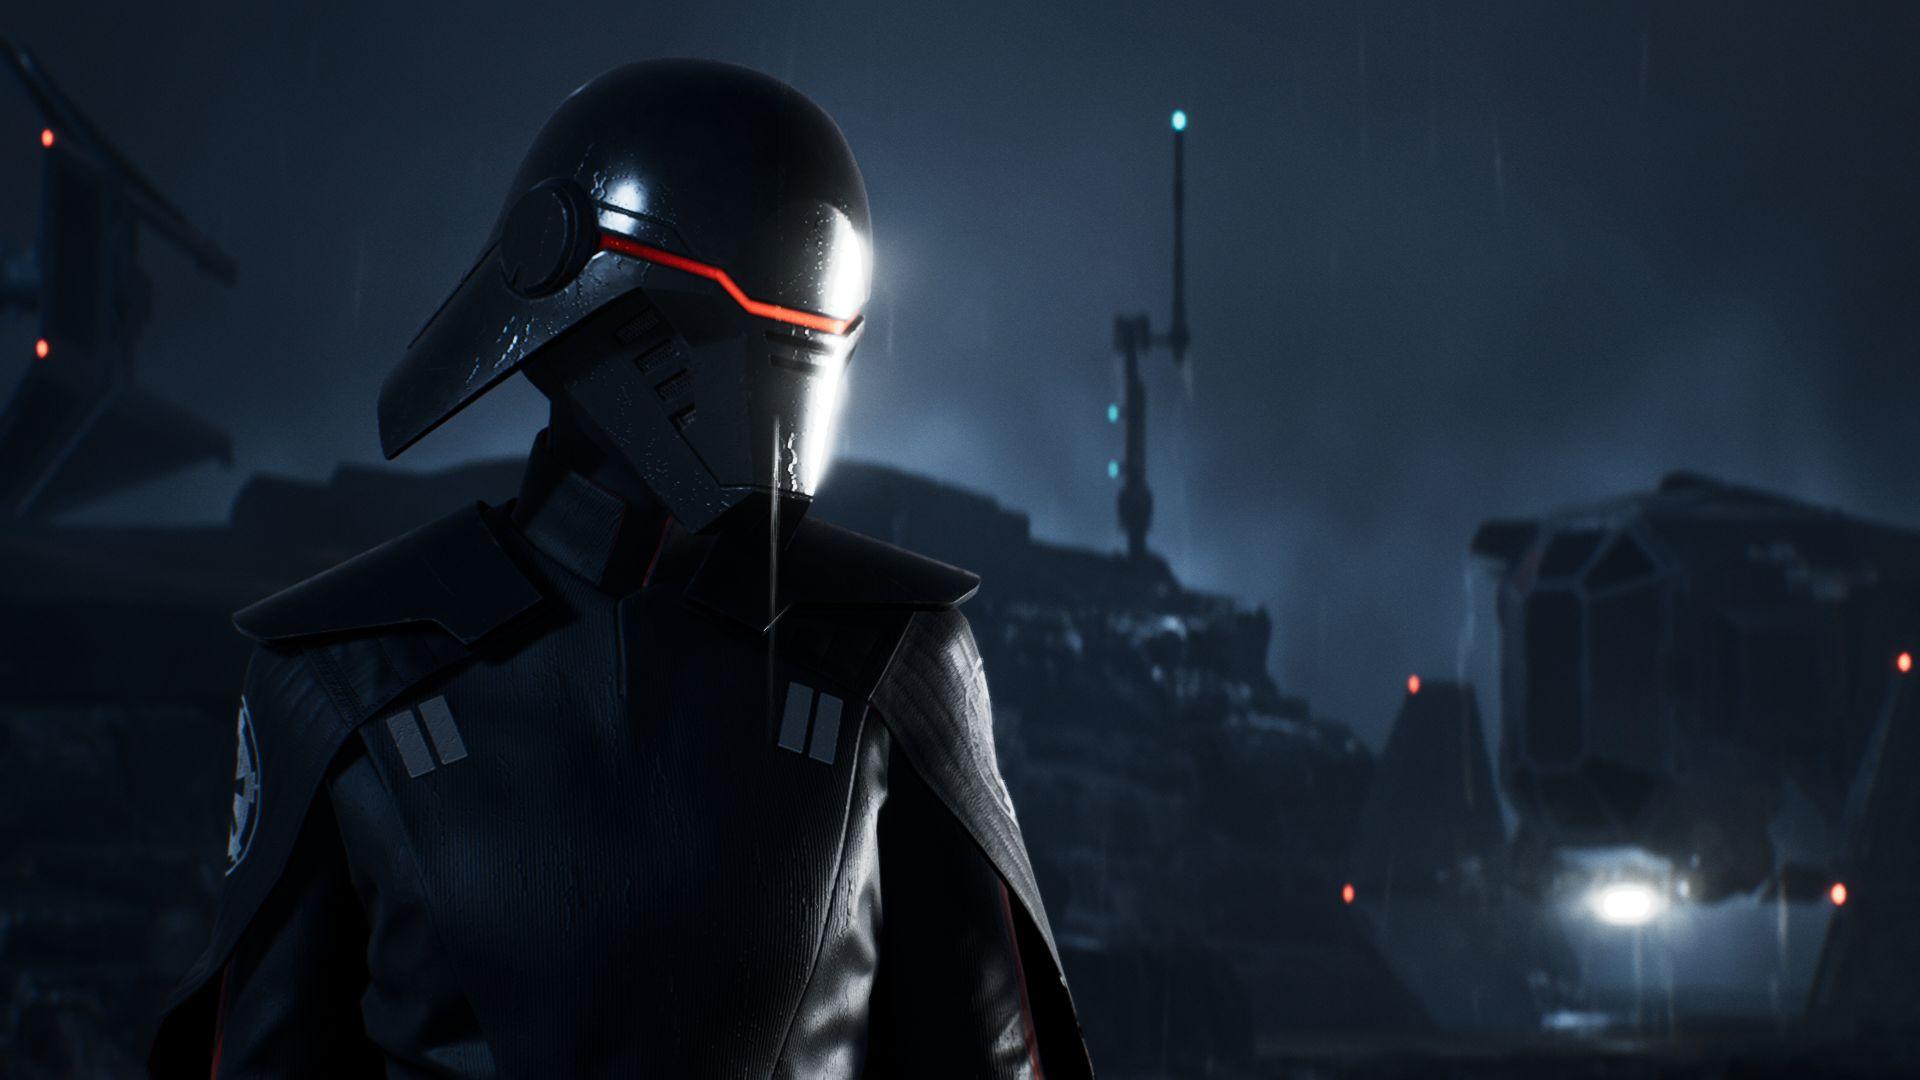 00065.Jpg - Star Wars Jedi: Fallen Order